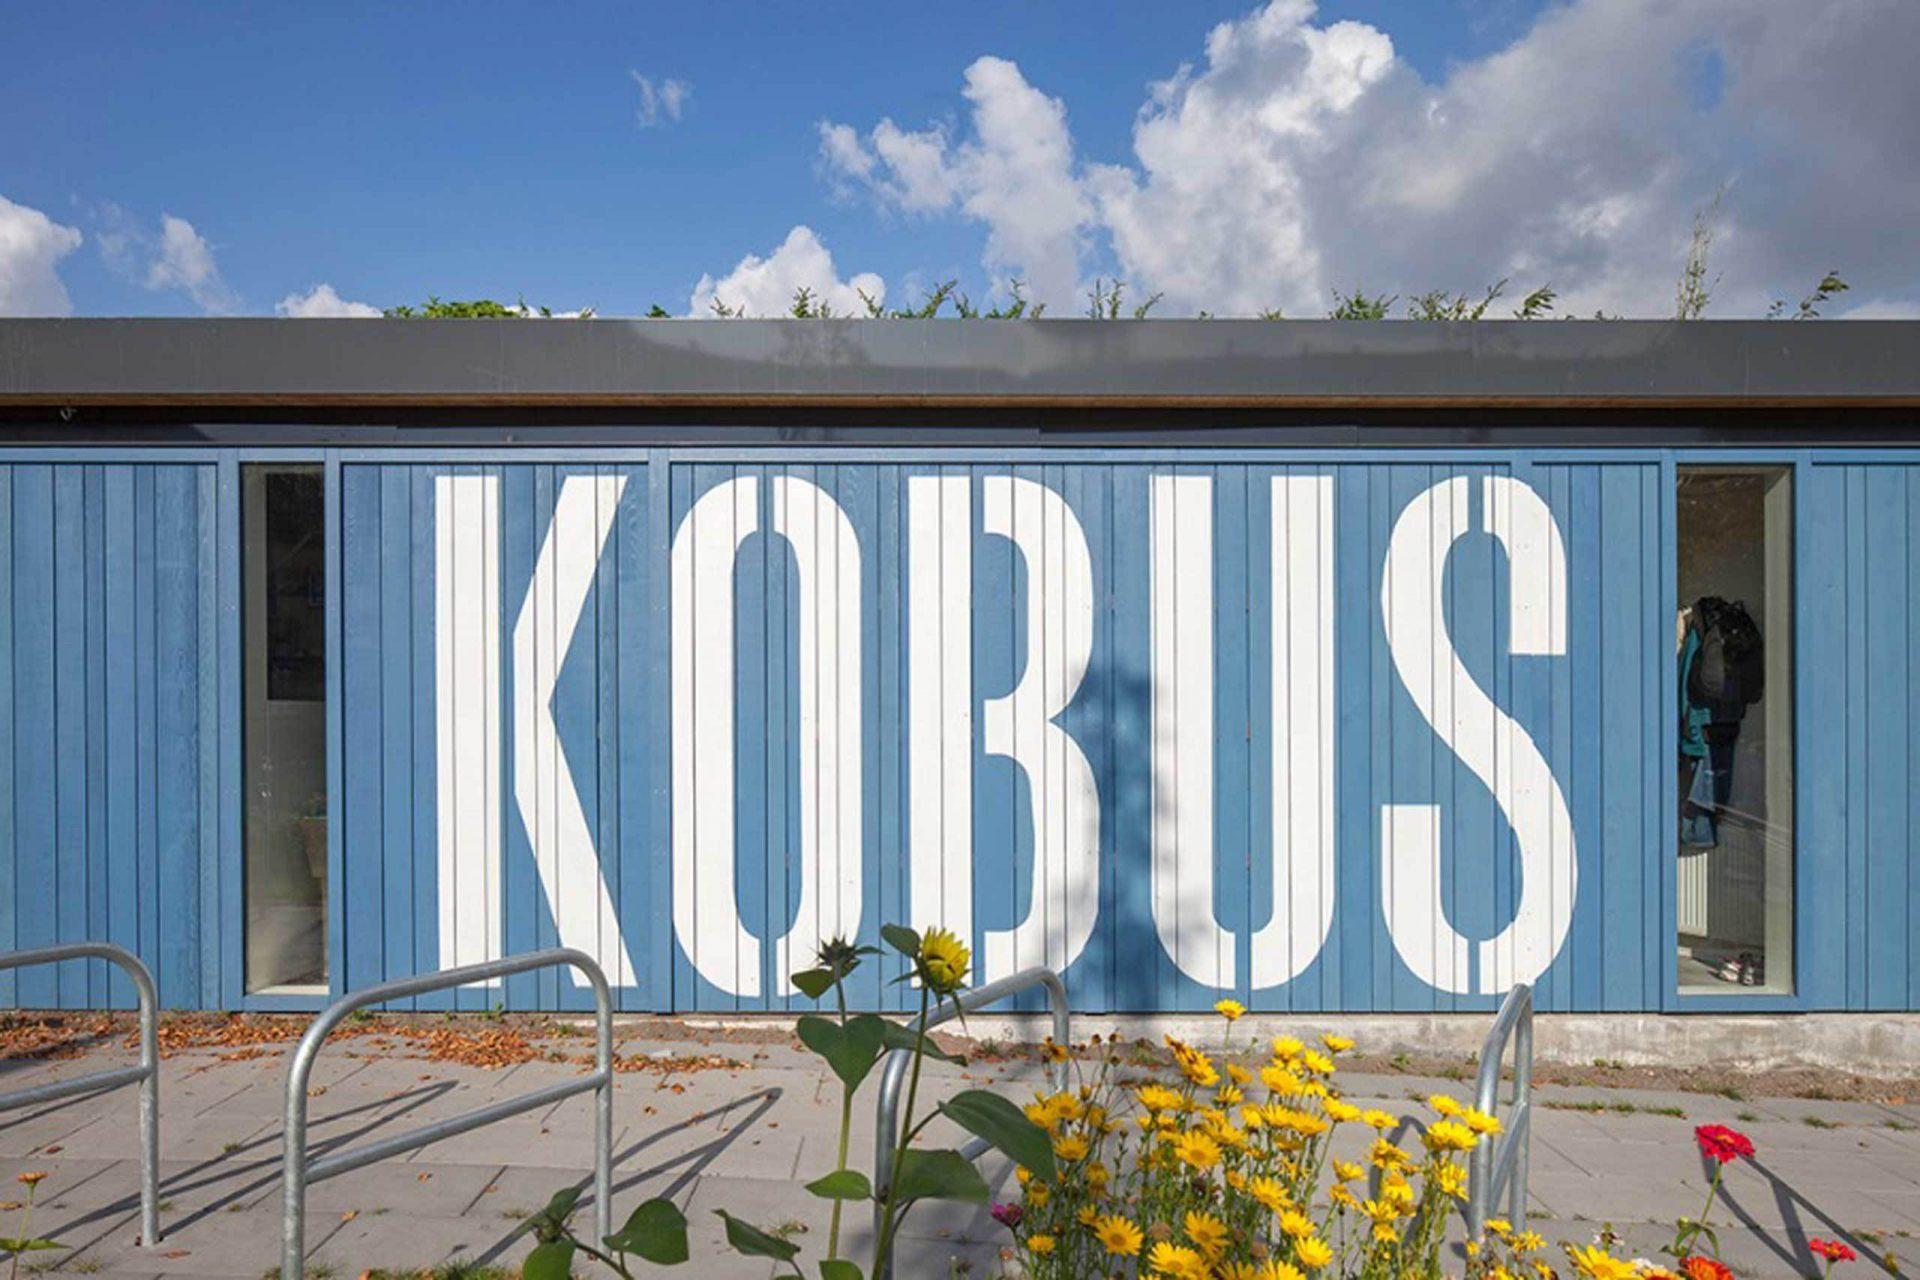 Kobus Front Elev Detail